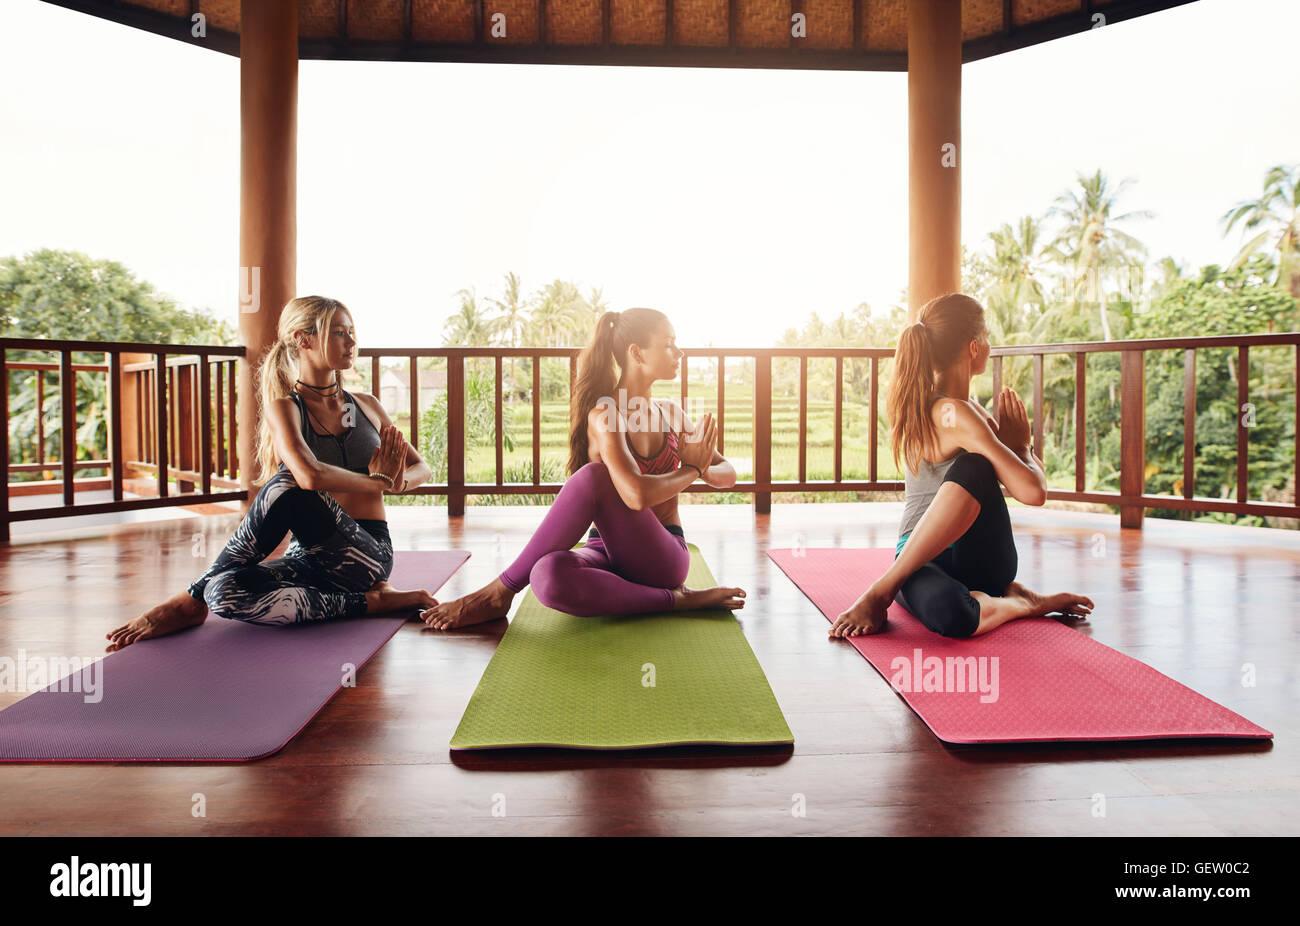 Las mujeres jóvenes saludables practicando media torsión vertebral yoga. Grupo de mujeres haciendo yoga Imagen De Stock